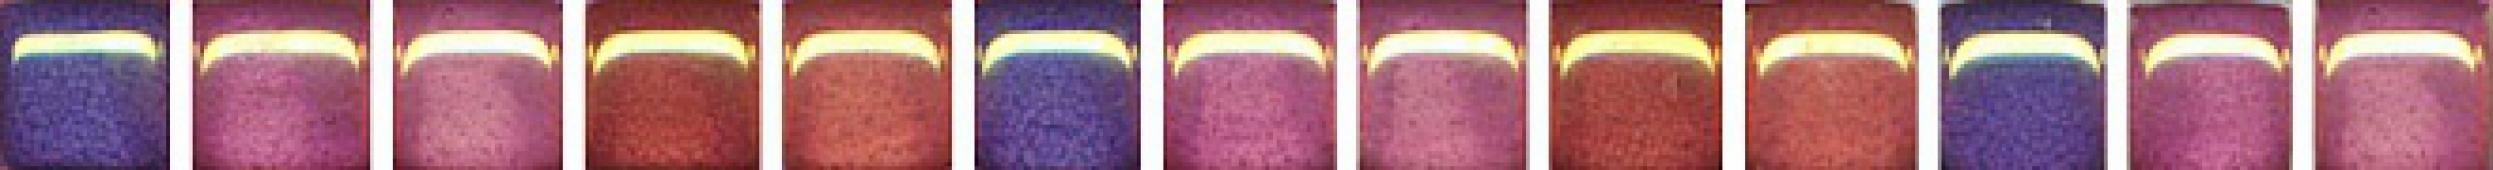 Карандаш Бисер цветной 20*1,4